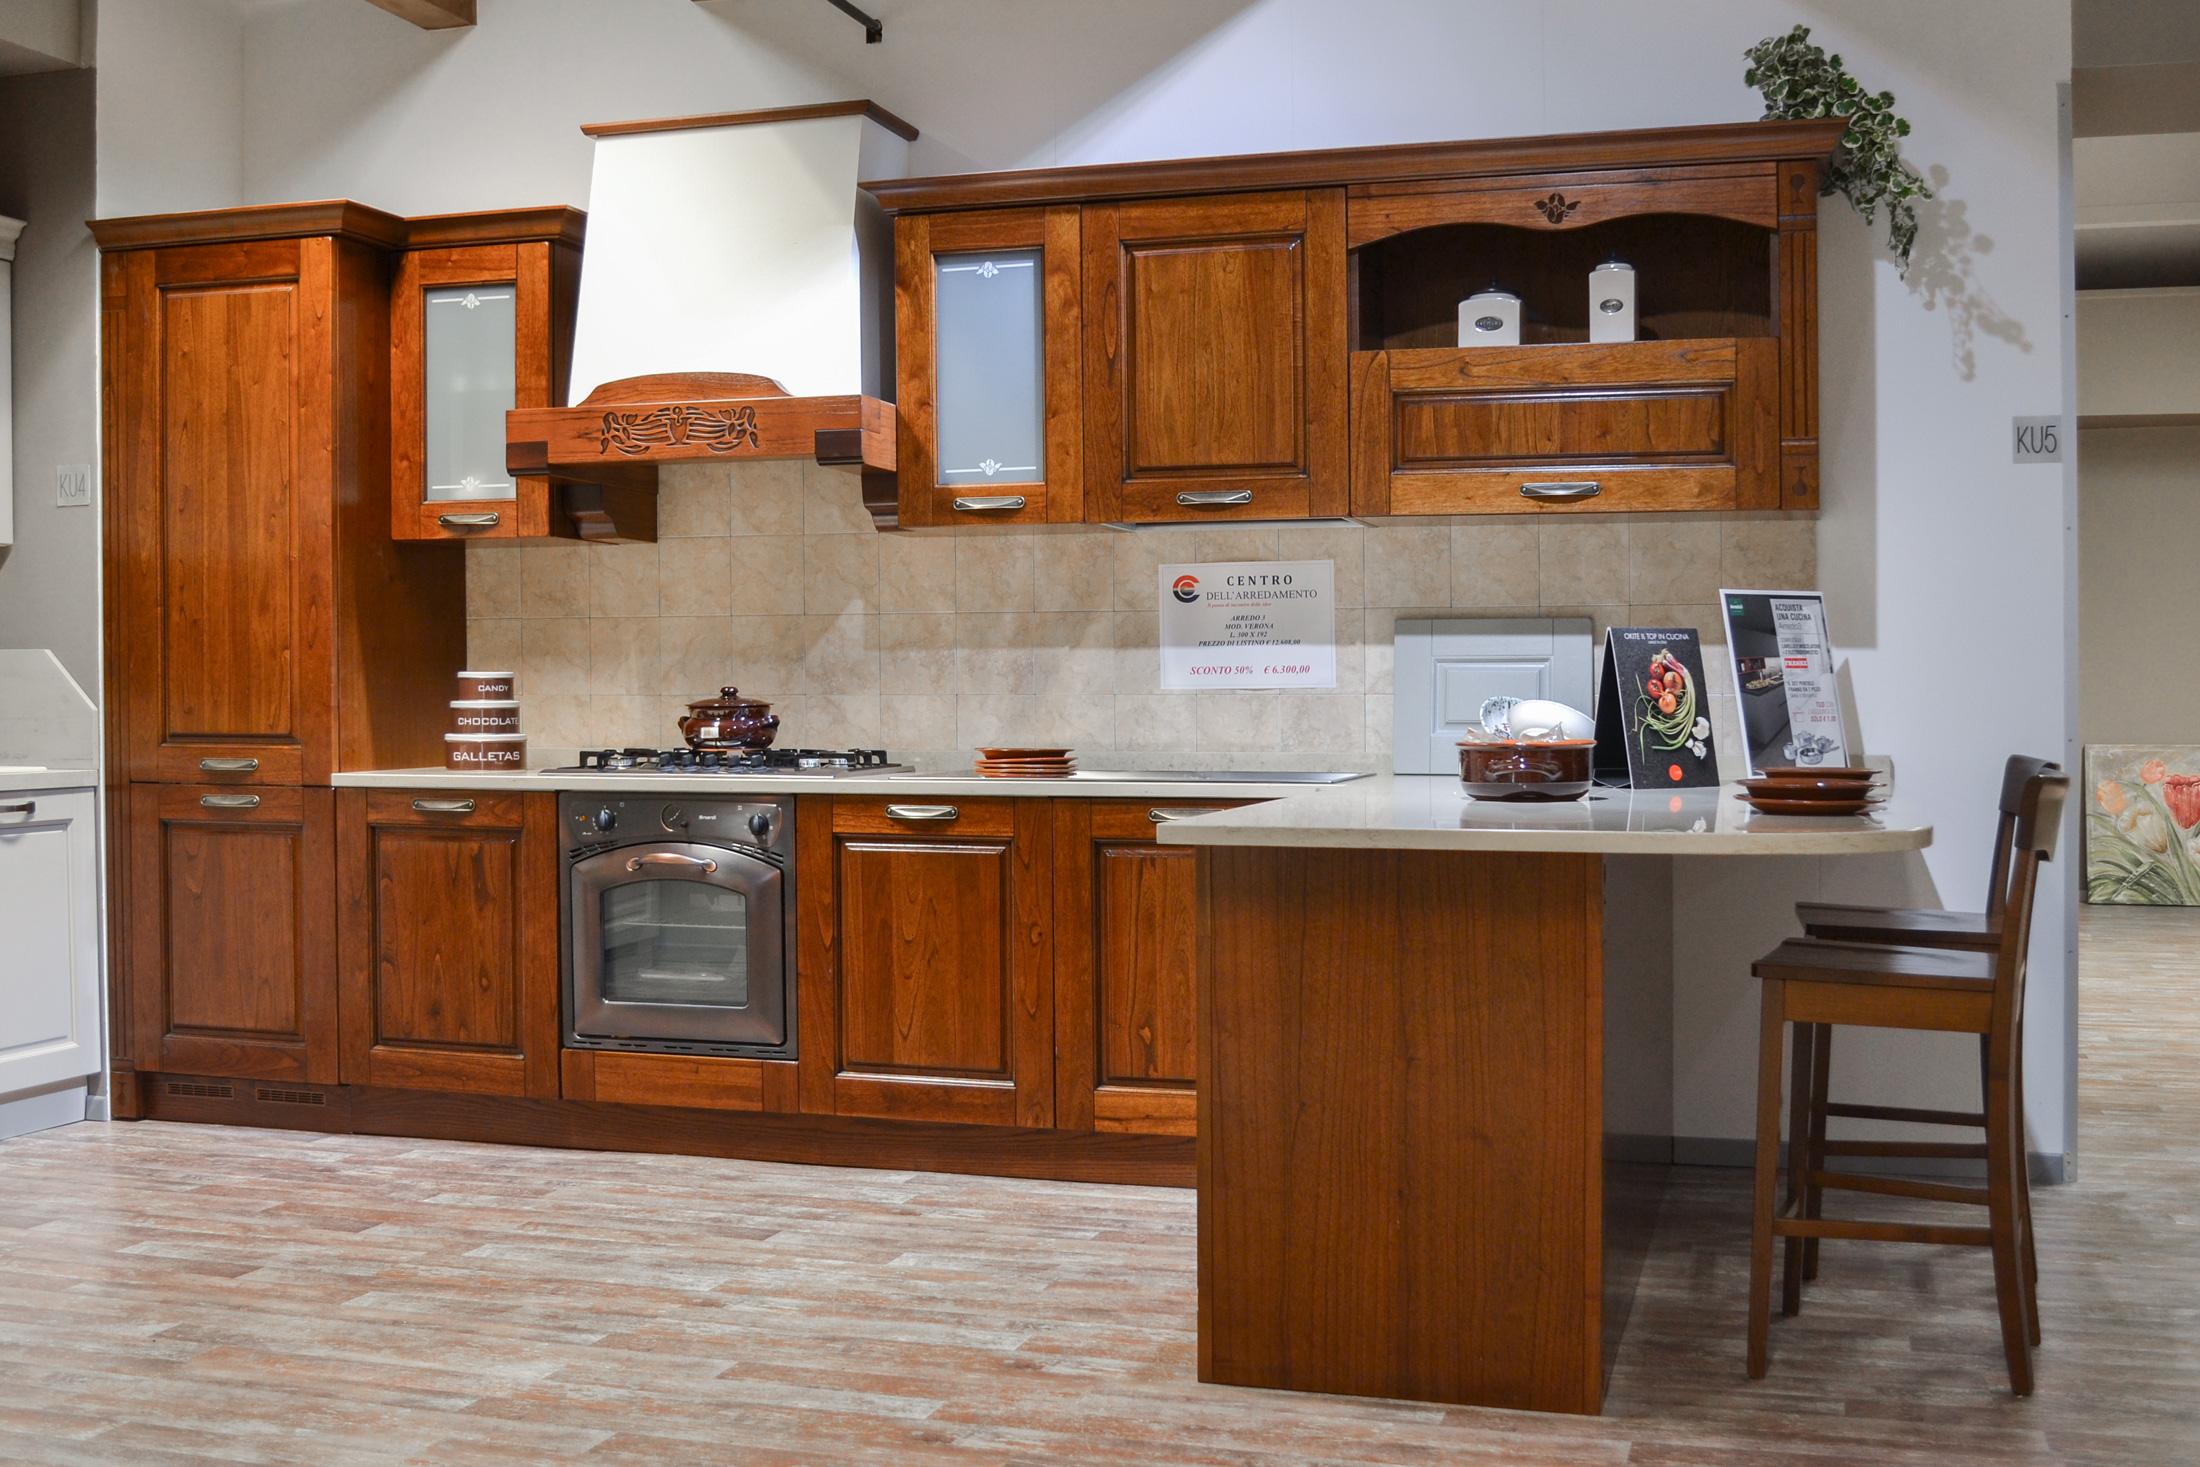 Cucina verona arredo3 centro dell 39 arredamento di savona for Sconti arredamento